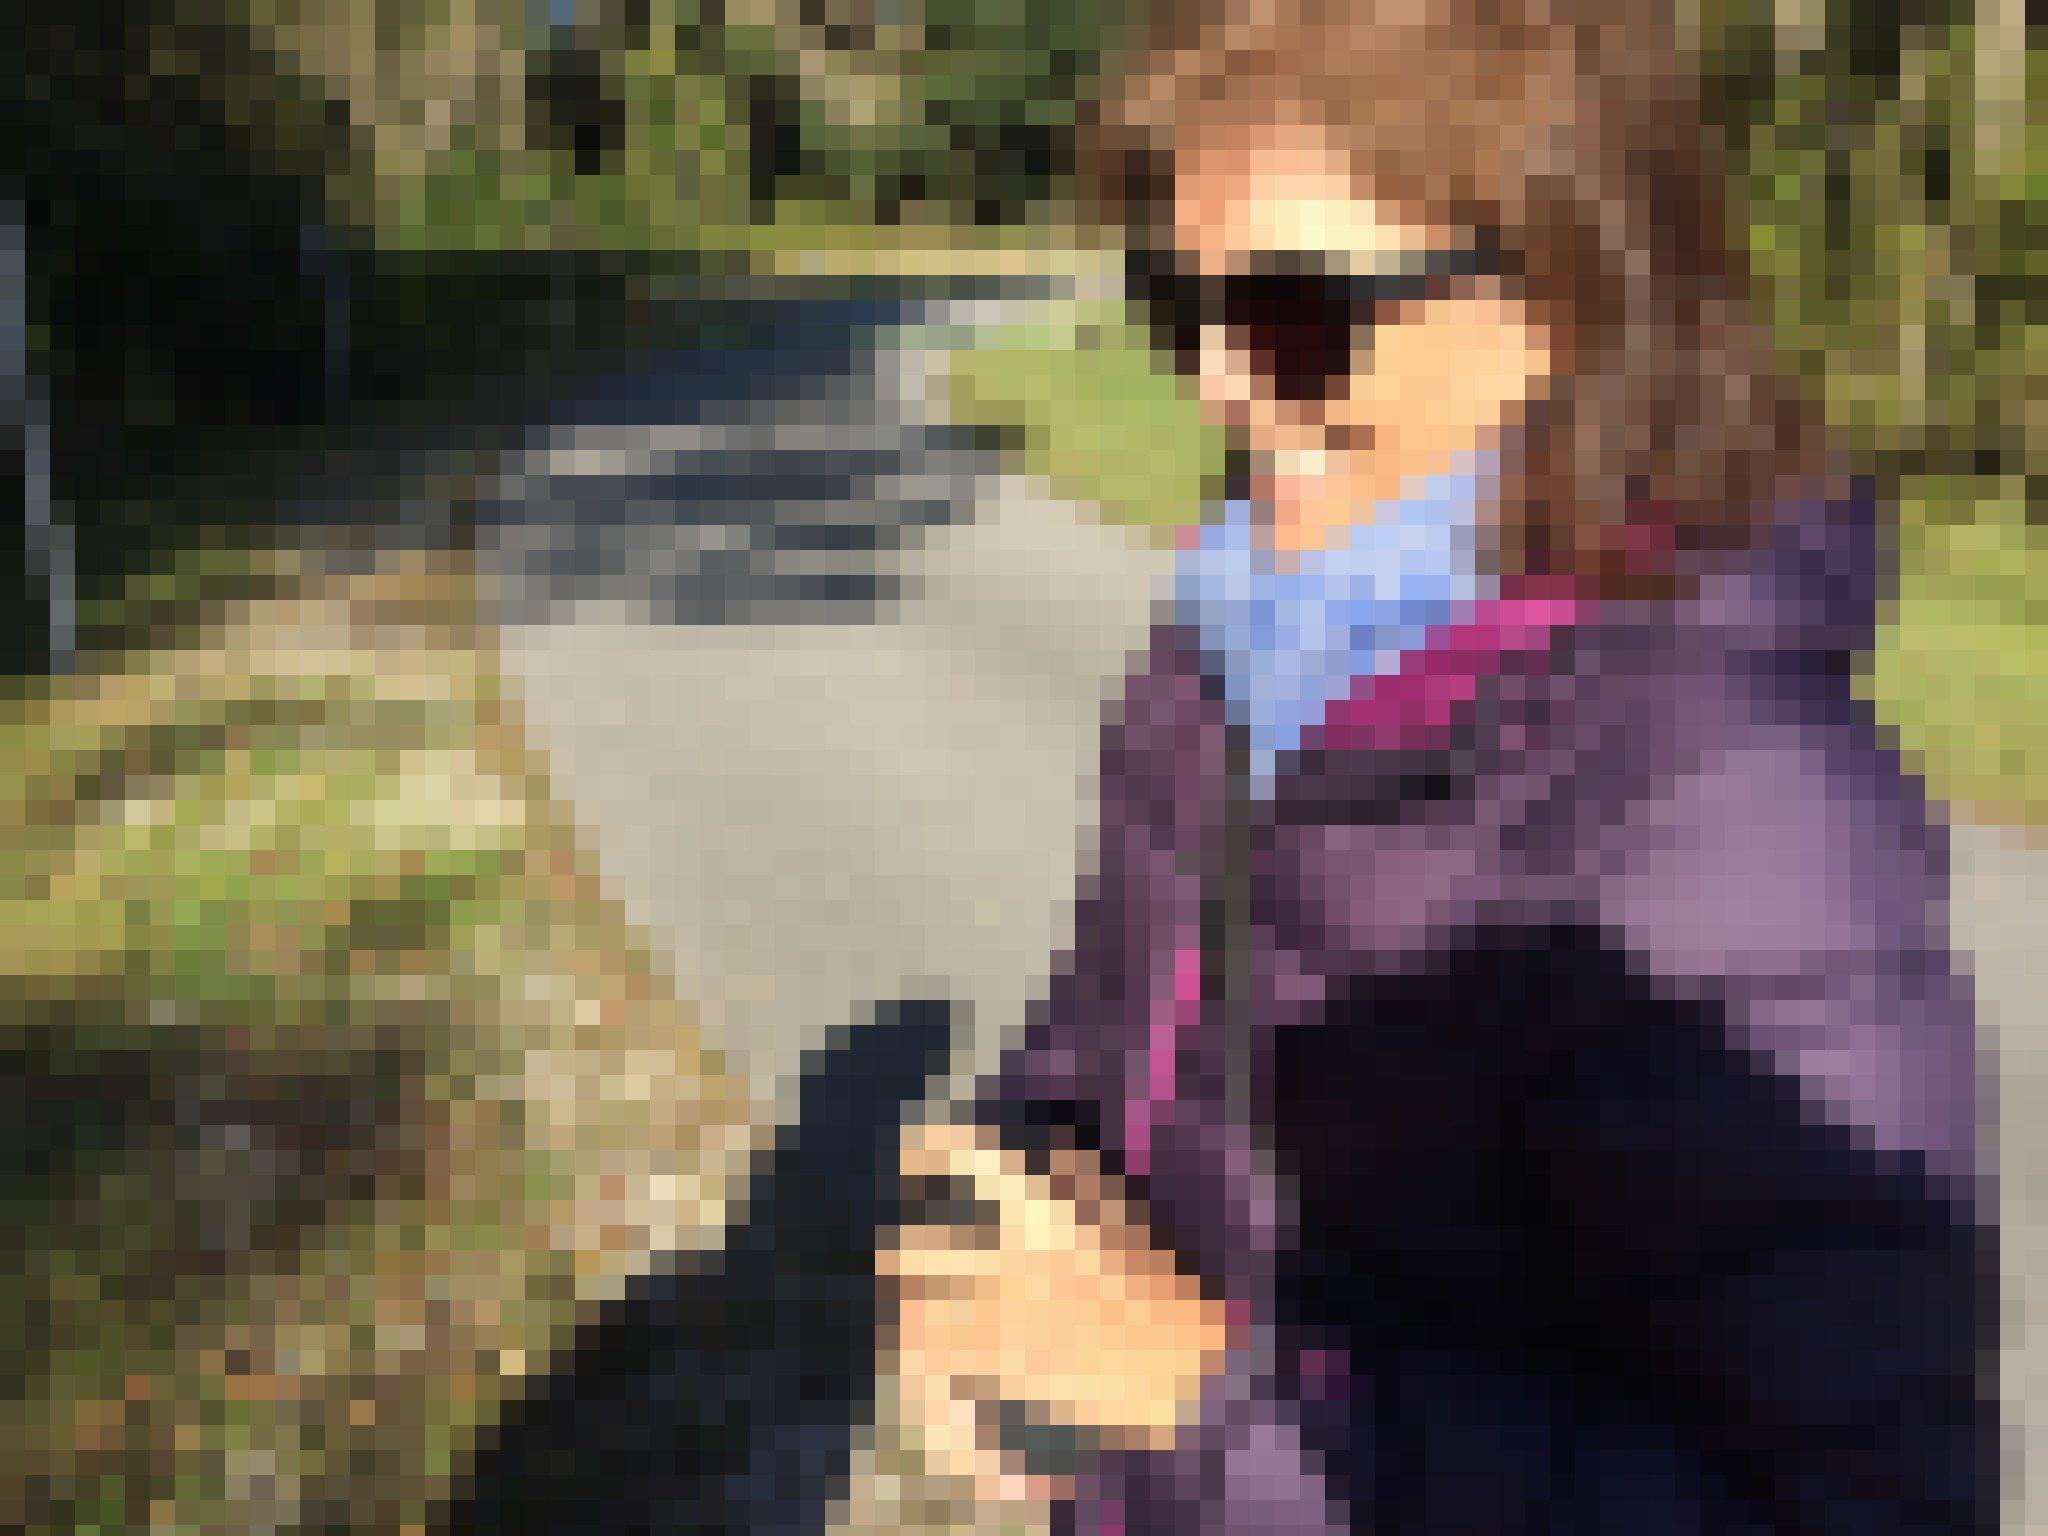 Eine Frau mit Sonnenbrille, schulterlangem braunen Haar und einer Daunenjacke steht lächelnd in der Sonne. In der Hand hält sie einen kleinen schwarzen Lautsprecher.